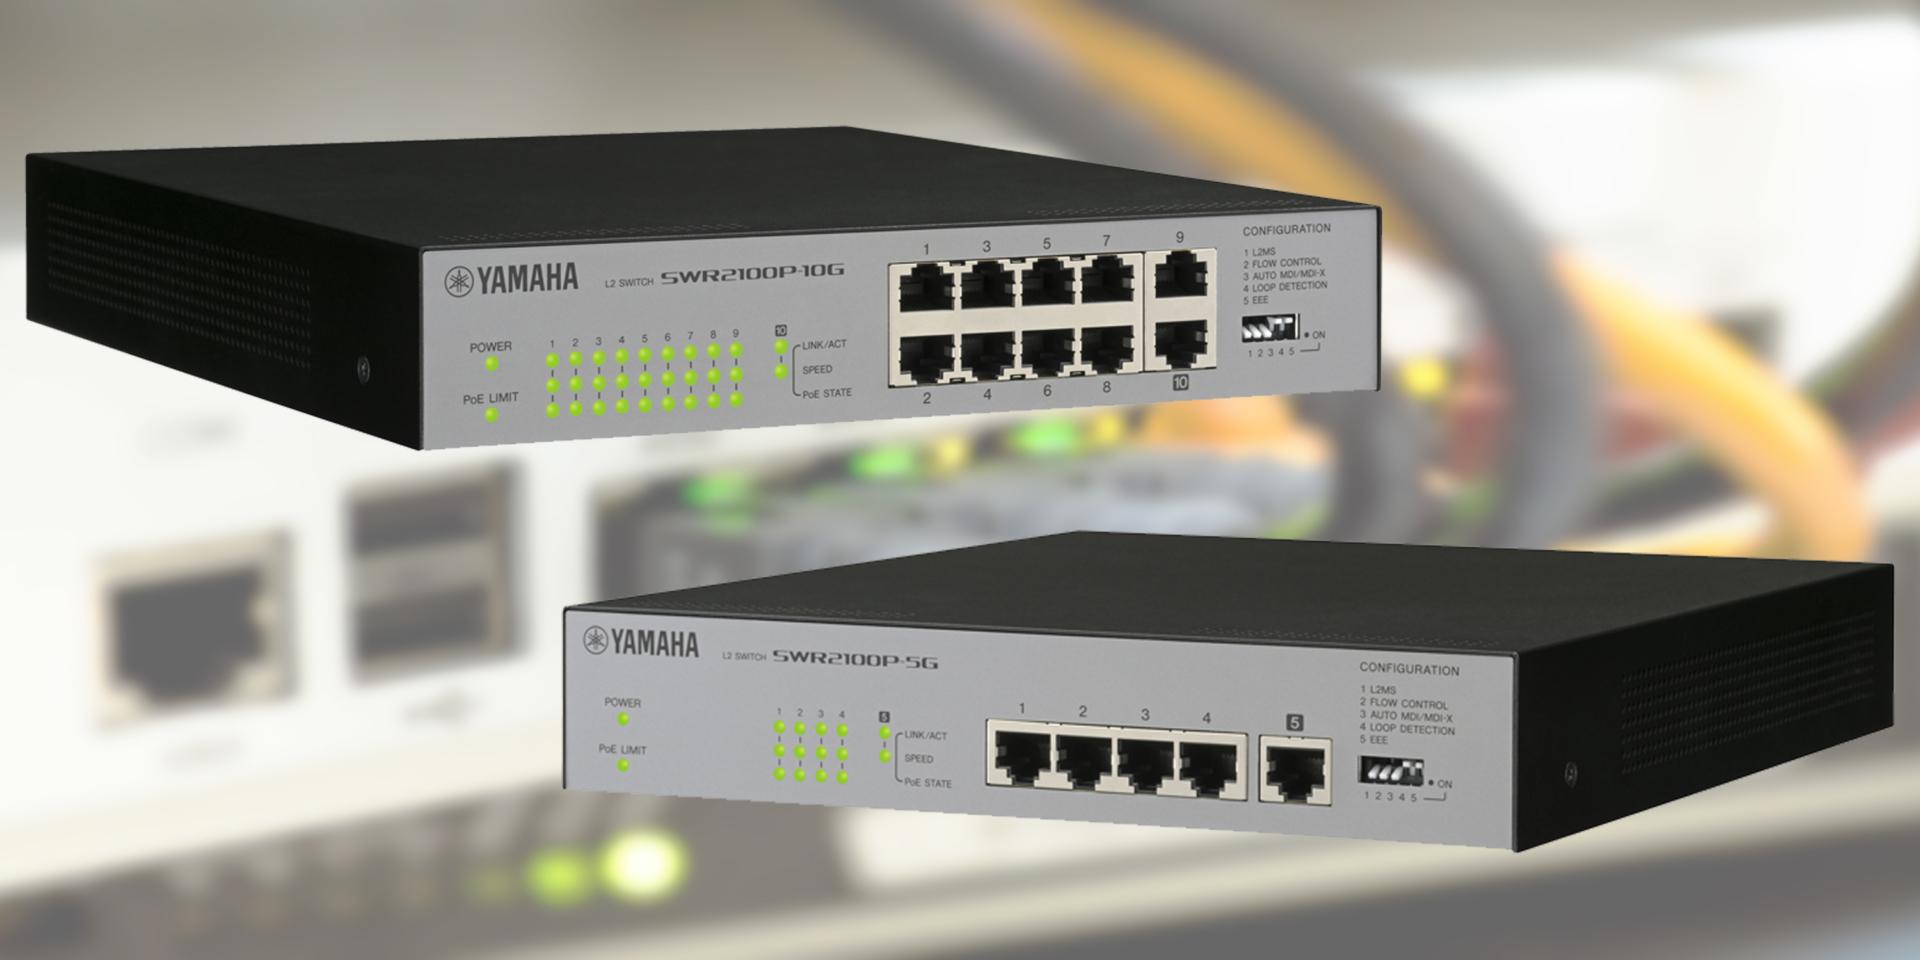 Gli switch Yamaha della serie SWR2100P non solo semplificano la progettazione dei sistemi di rete audio, ma ne consentono anche un installazione più intelligente e controllabile.